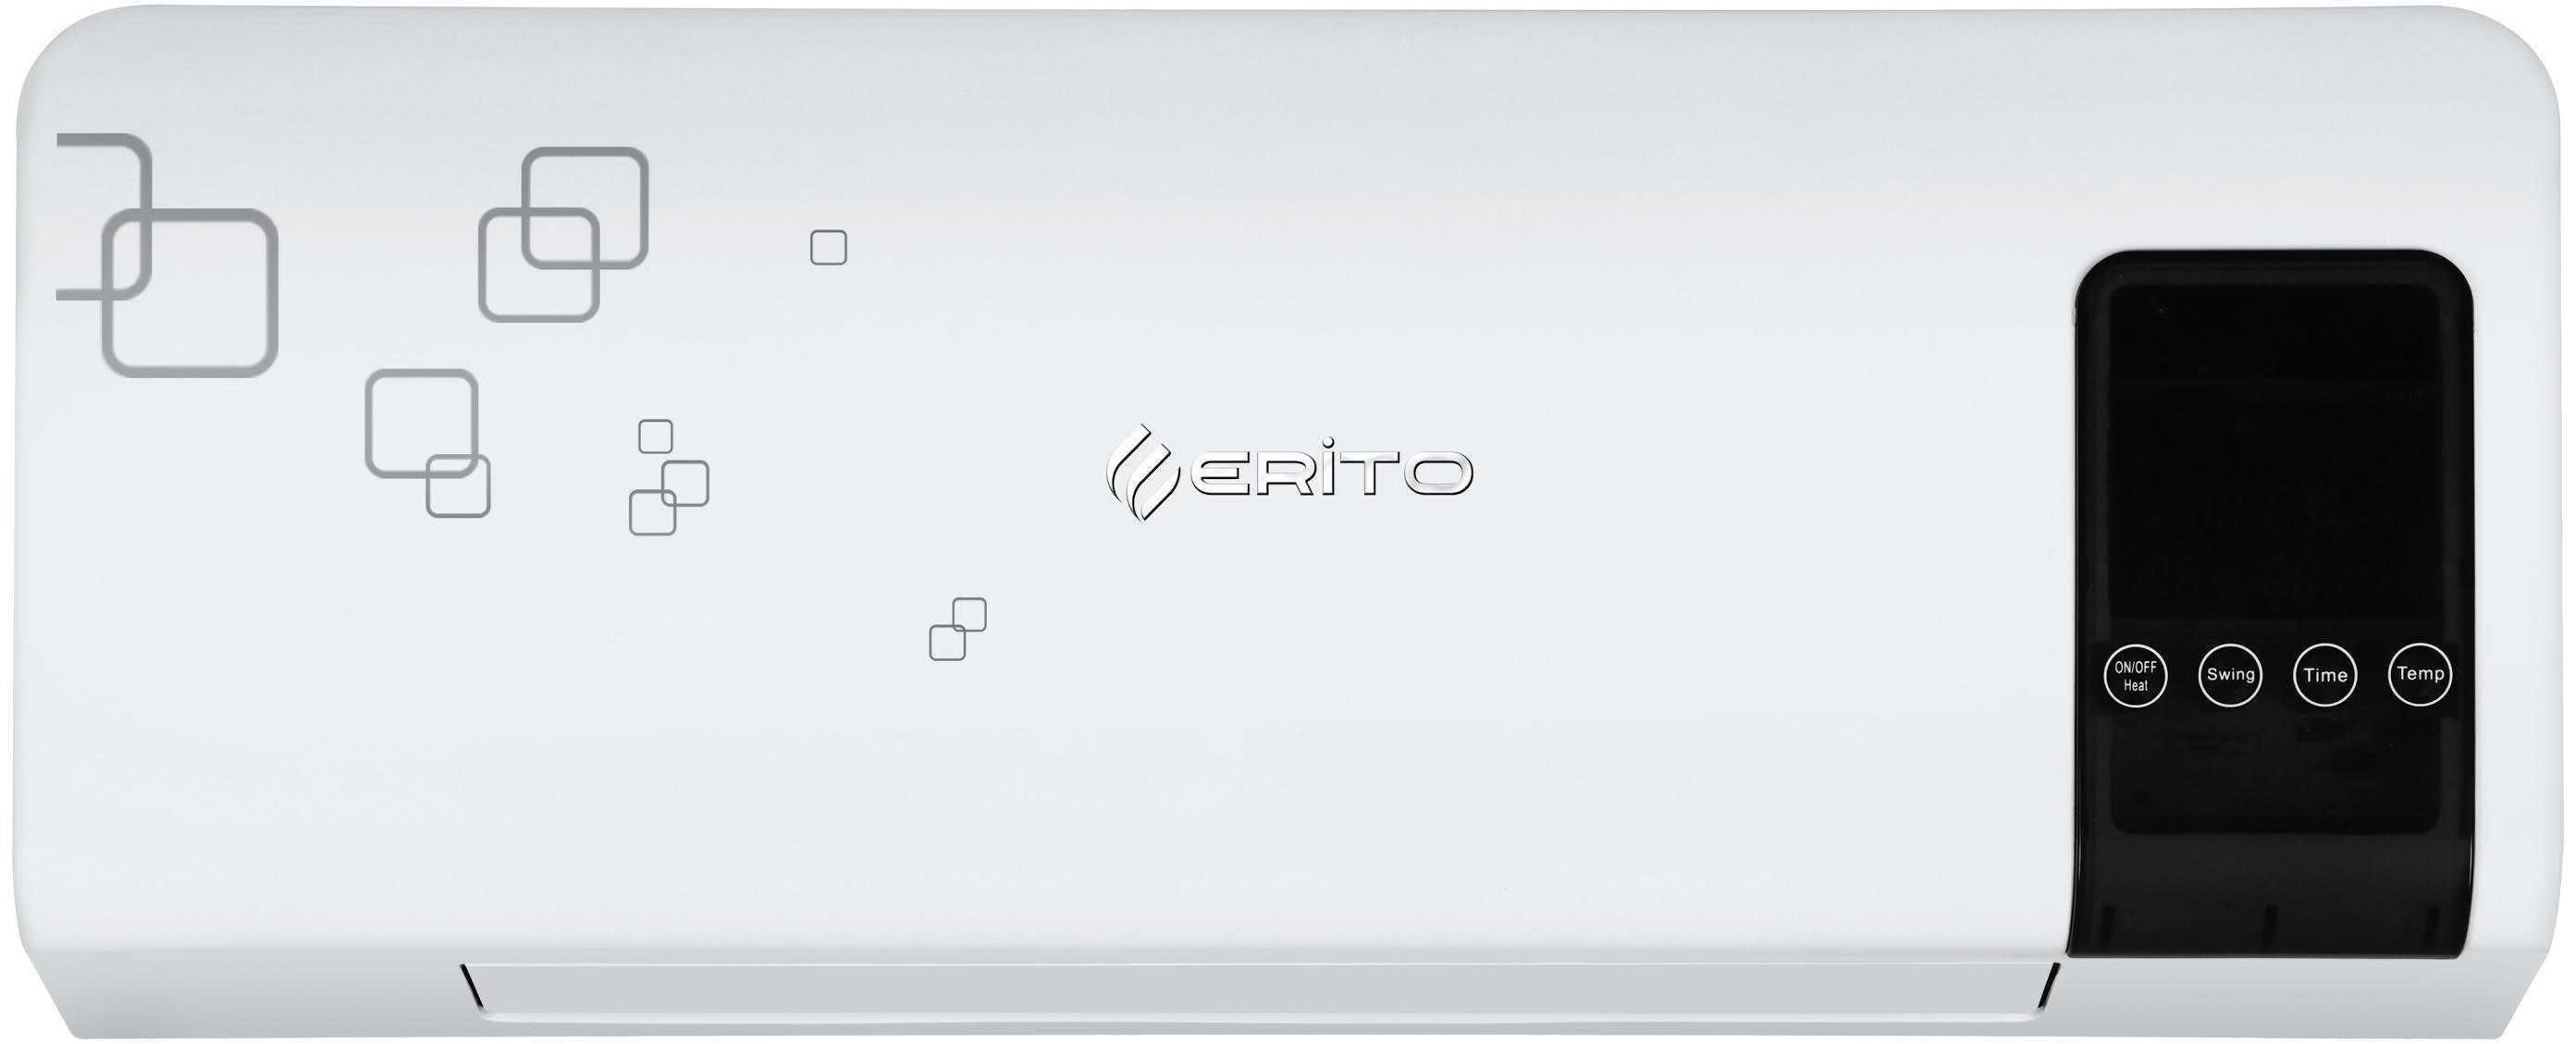 Máy sưởi gốm Ceramic Erito HCB131R-NV công suất 1300w tại THE ANH ELECTRIC